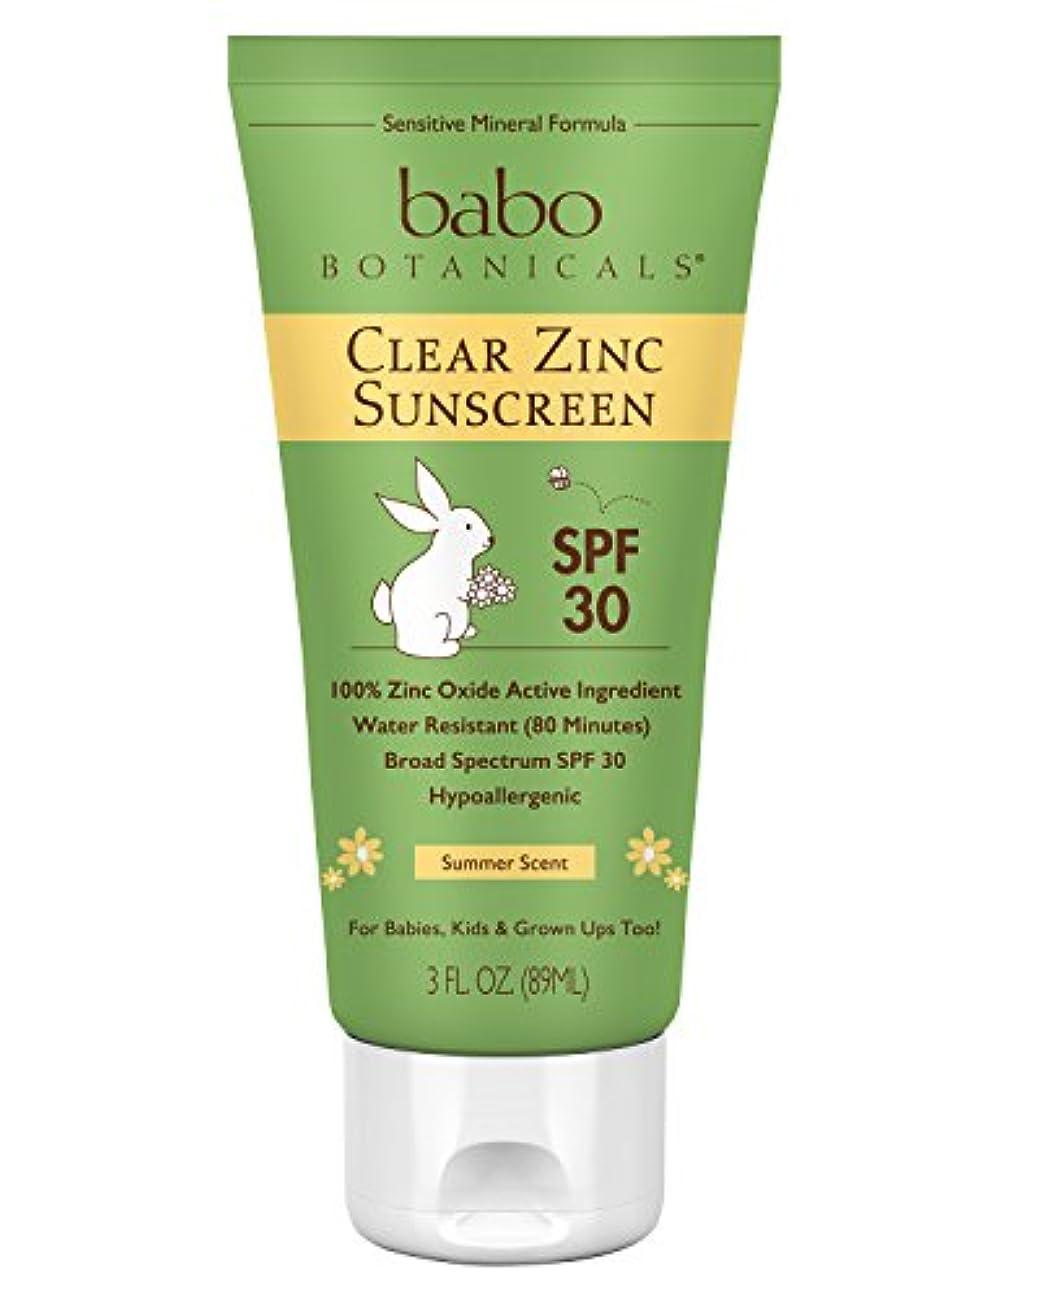 靴容量吸い込むBabo Botanicals バボボタニカル SPF 30 クリア亜鉛ローション 85g (3オンス) ベストなナチュラルミネラルサンスクリーン ノンナノ 敏感